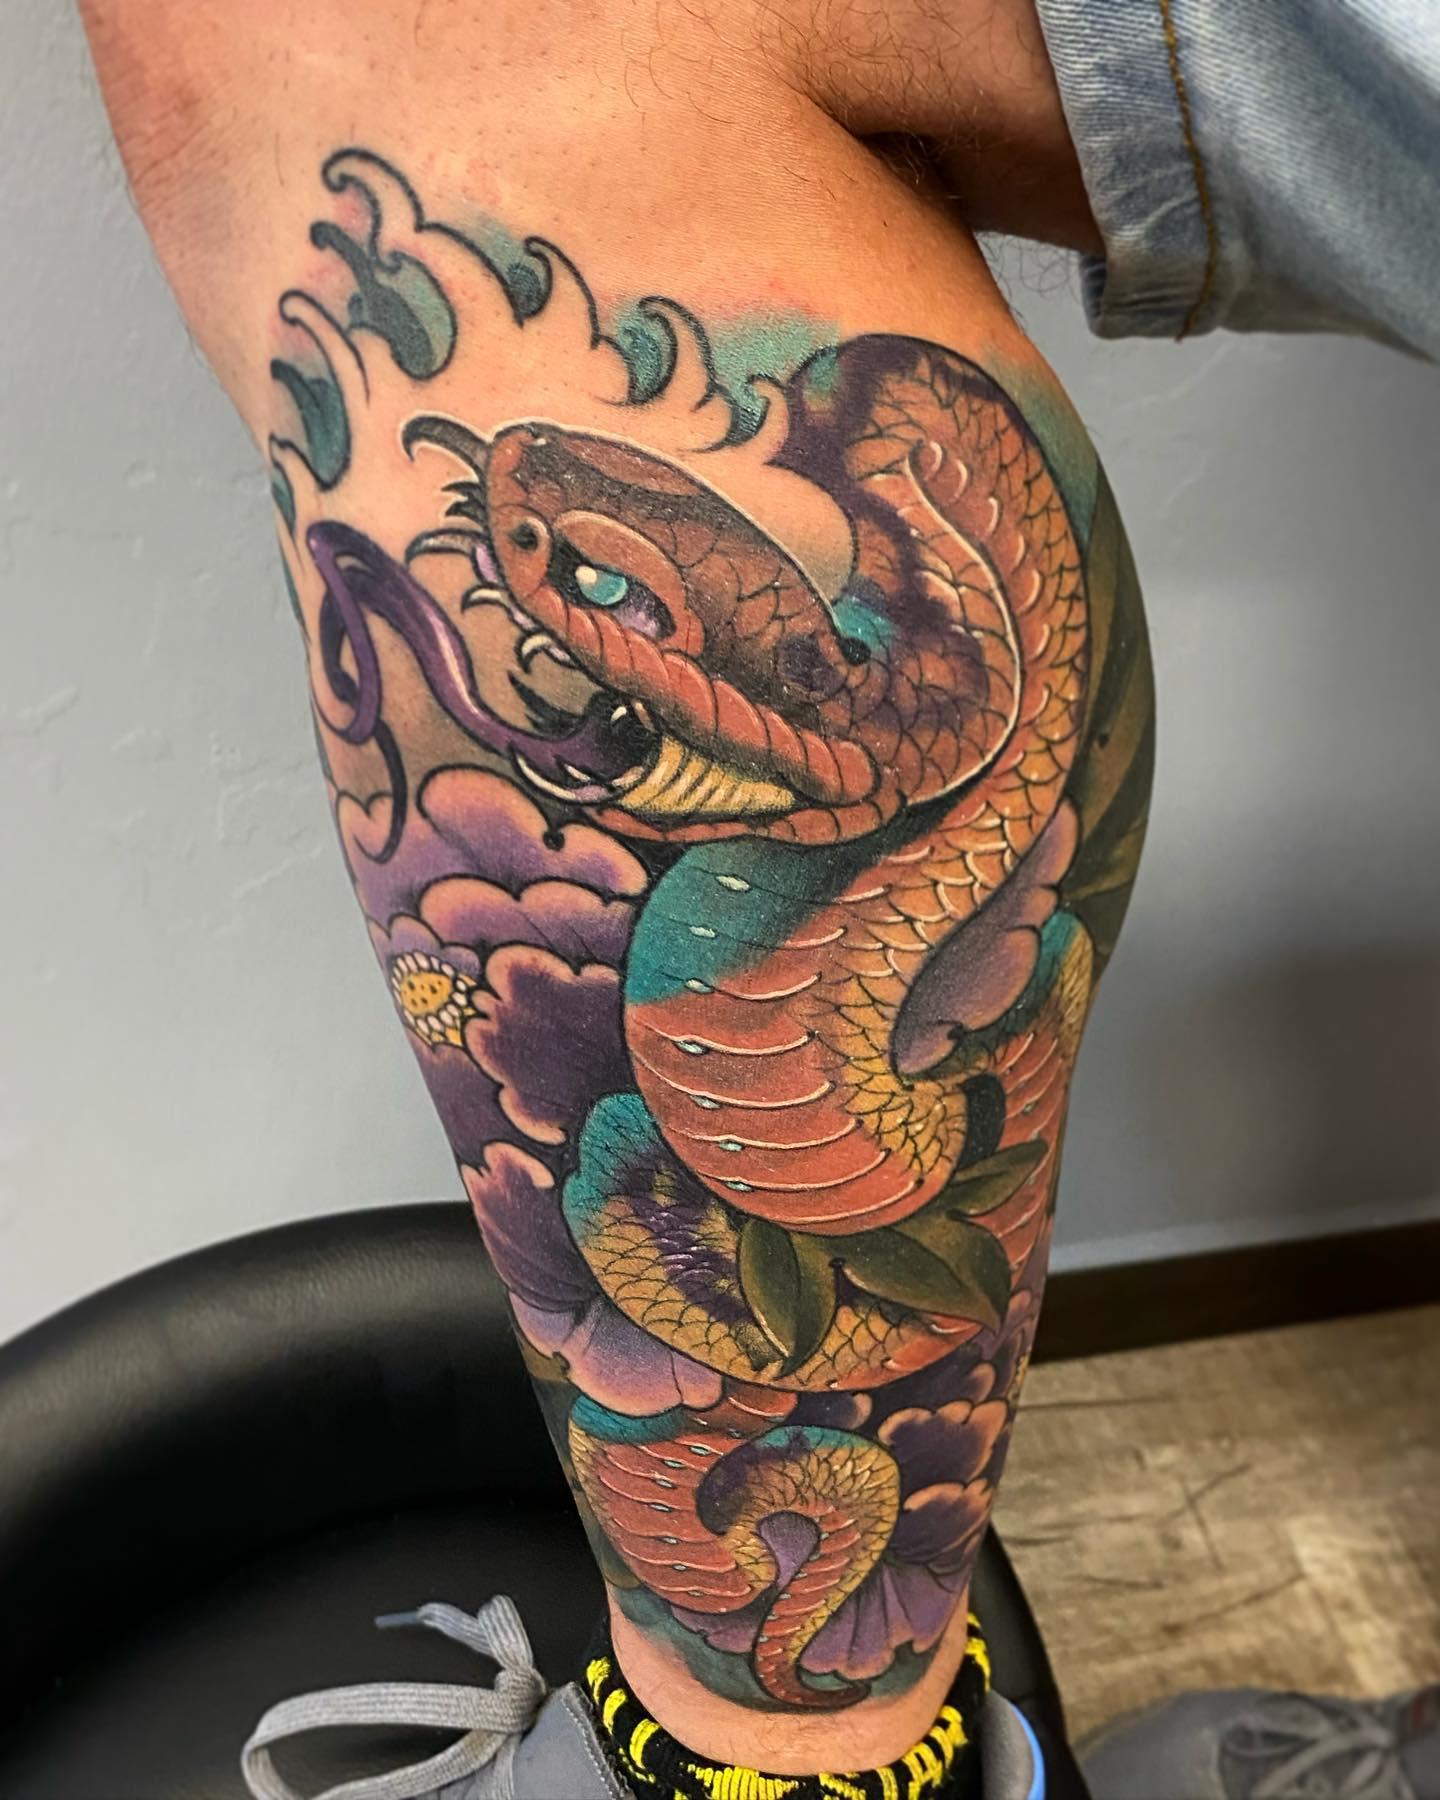 skit_tattoo_6